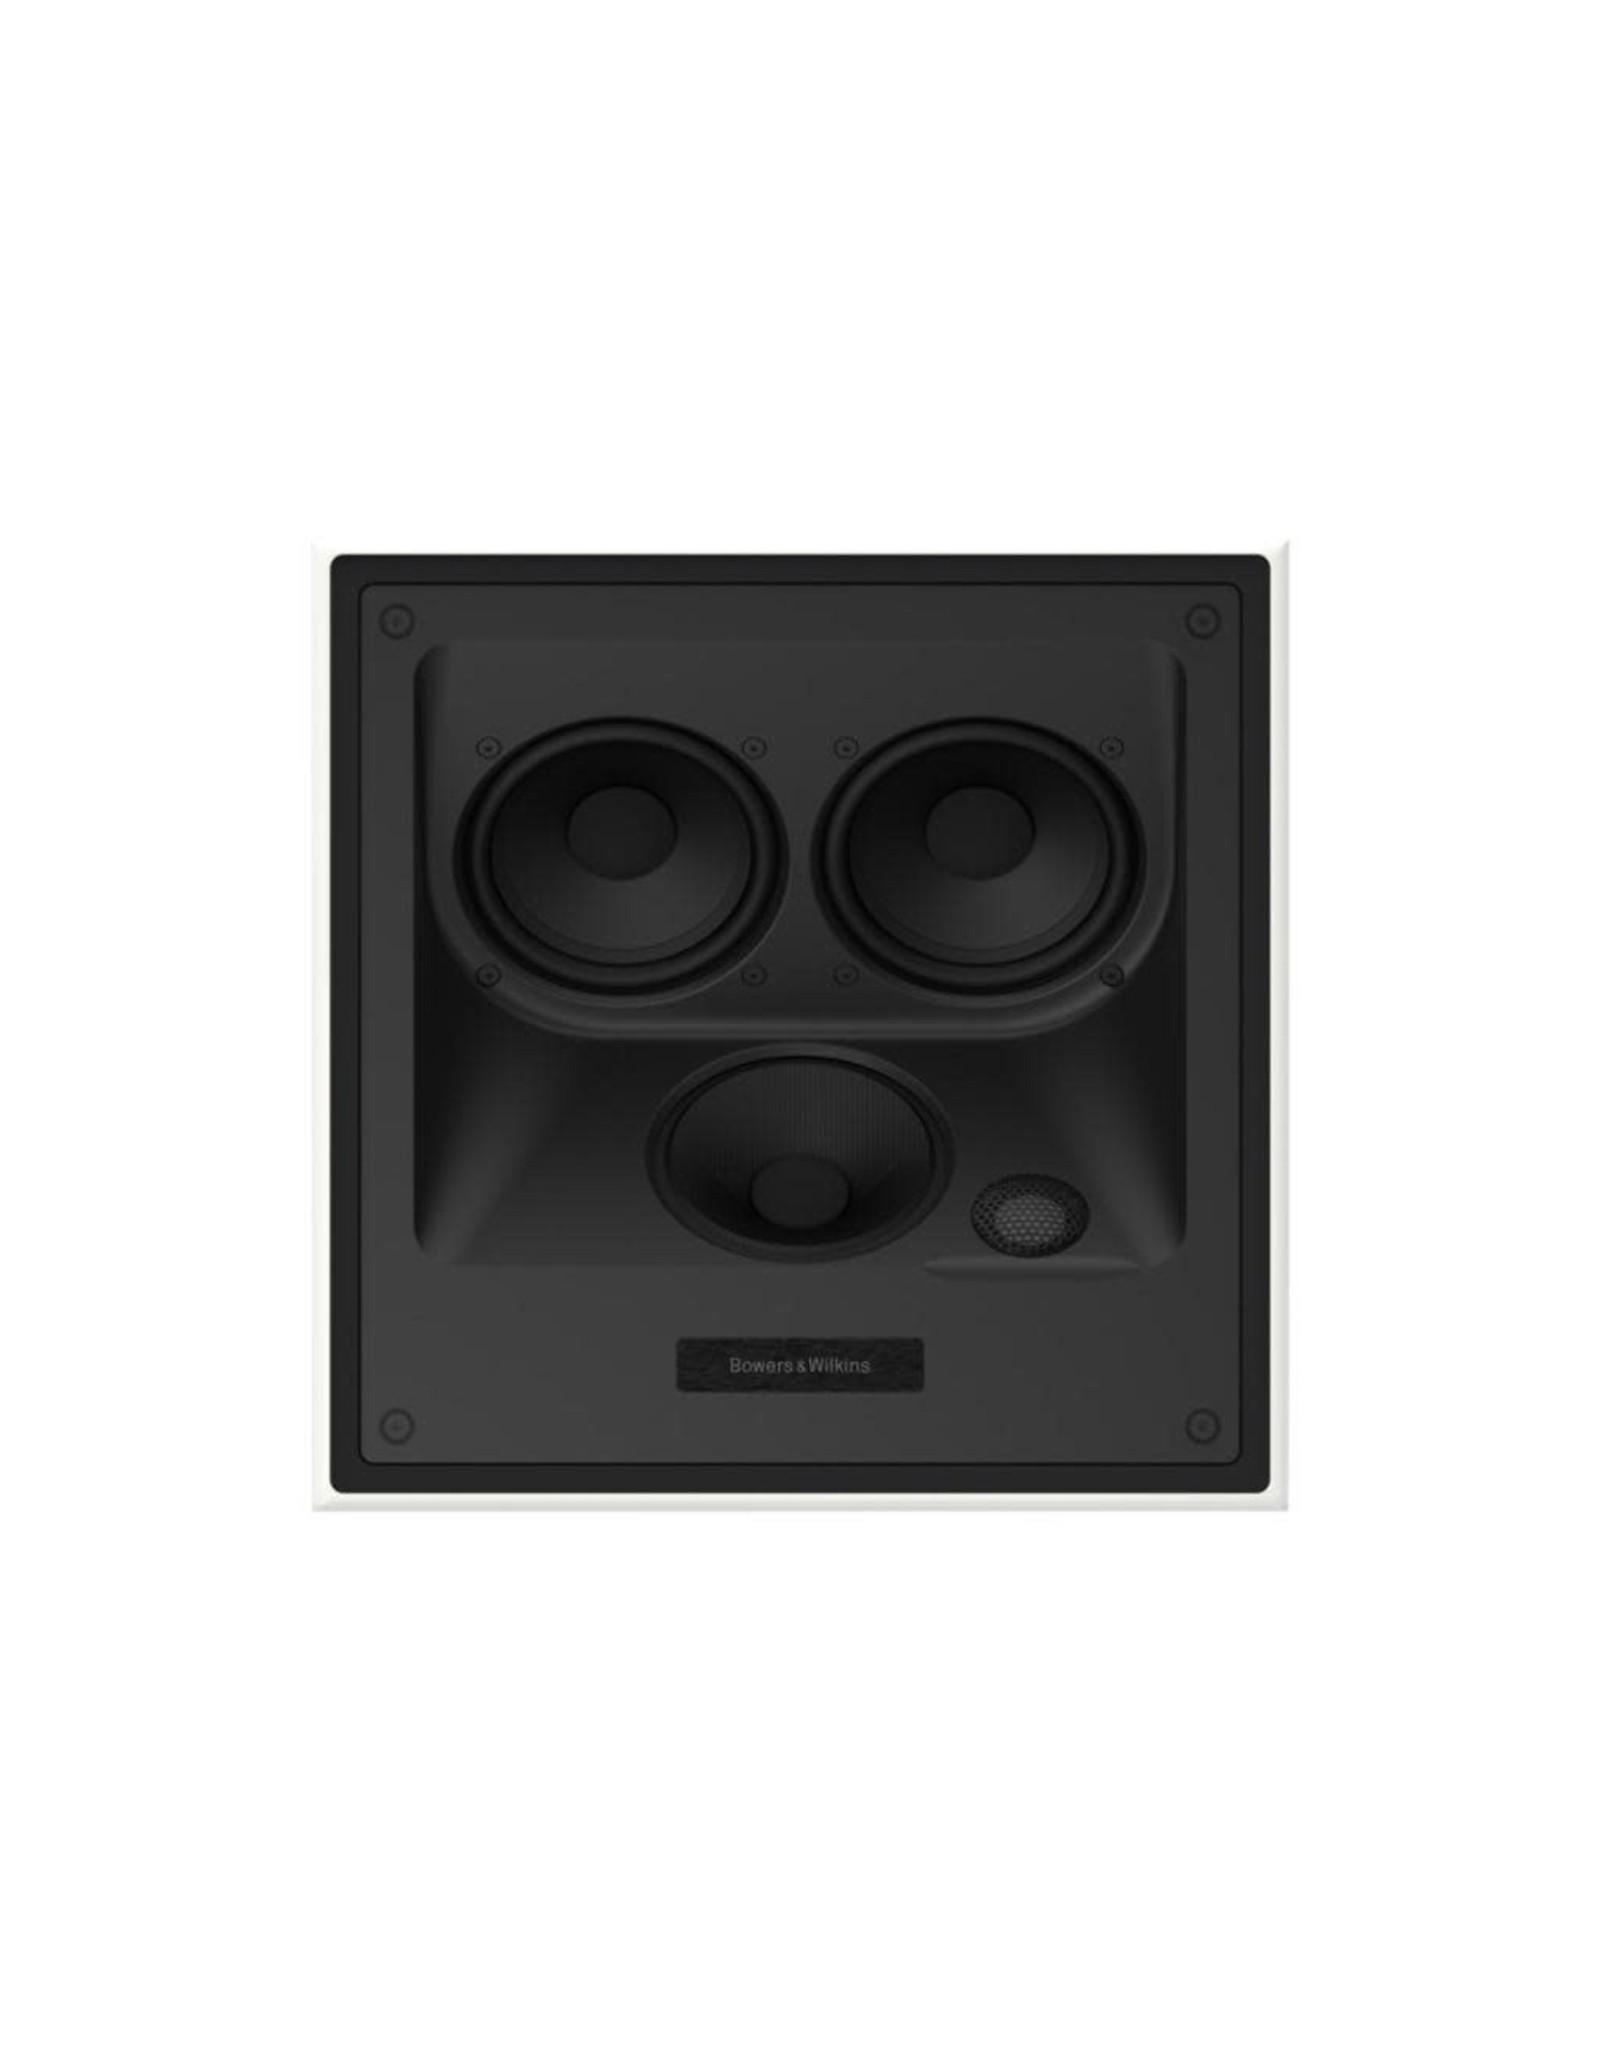 BOWERS & WILKINS B&W CCM7.3 S2 In Ceiling Speaker (single) WHITE